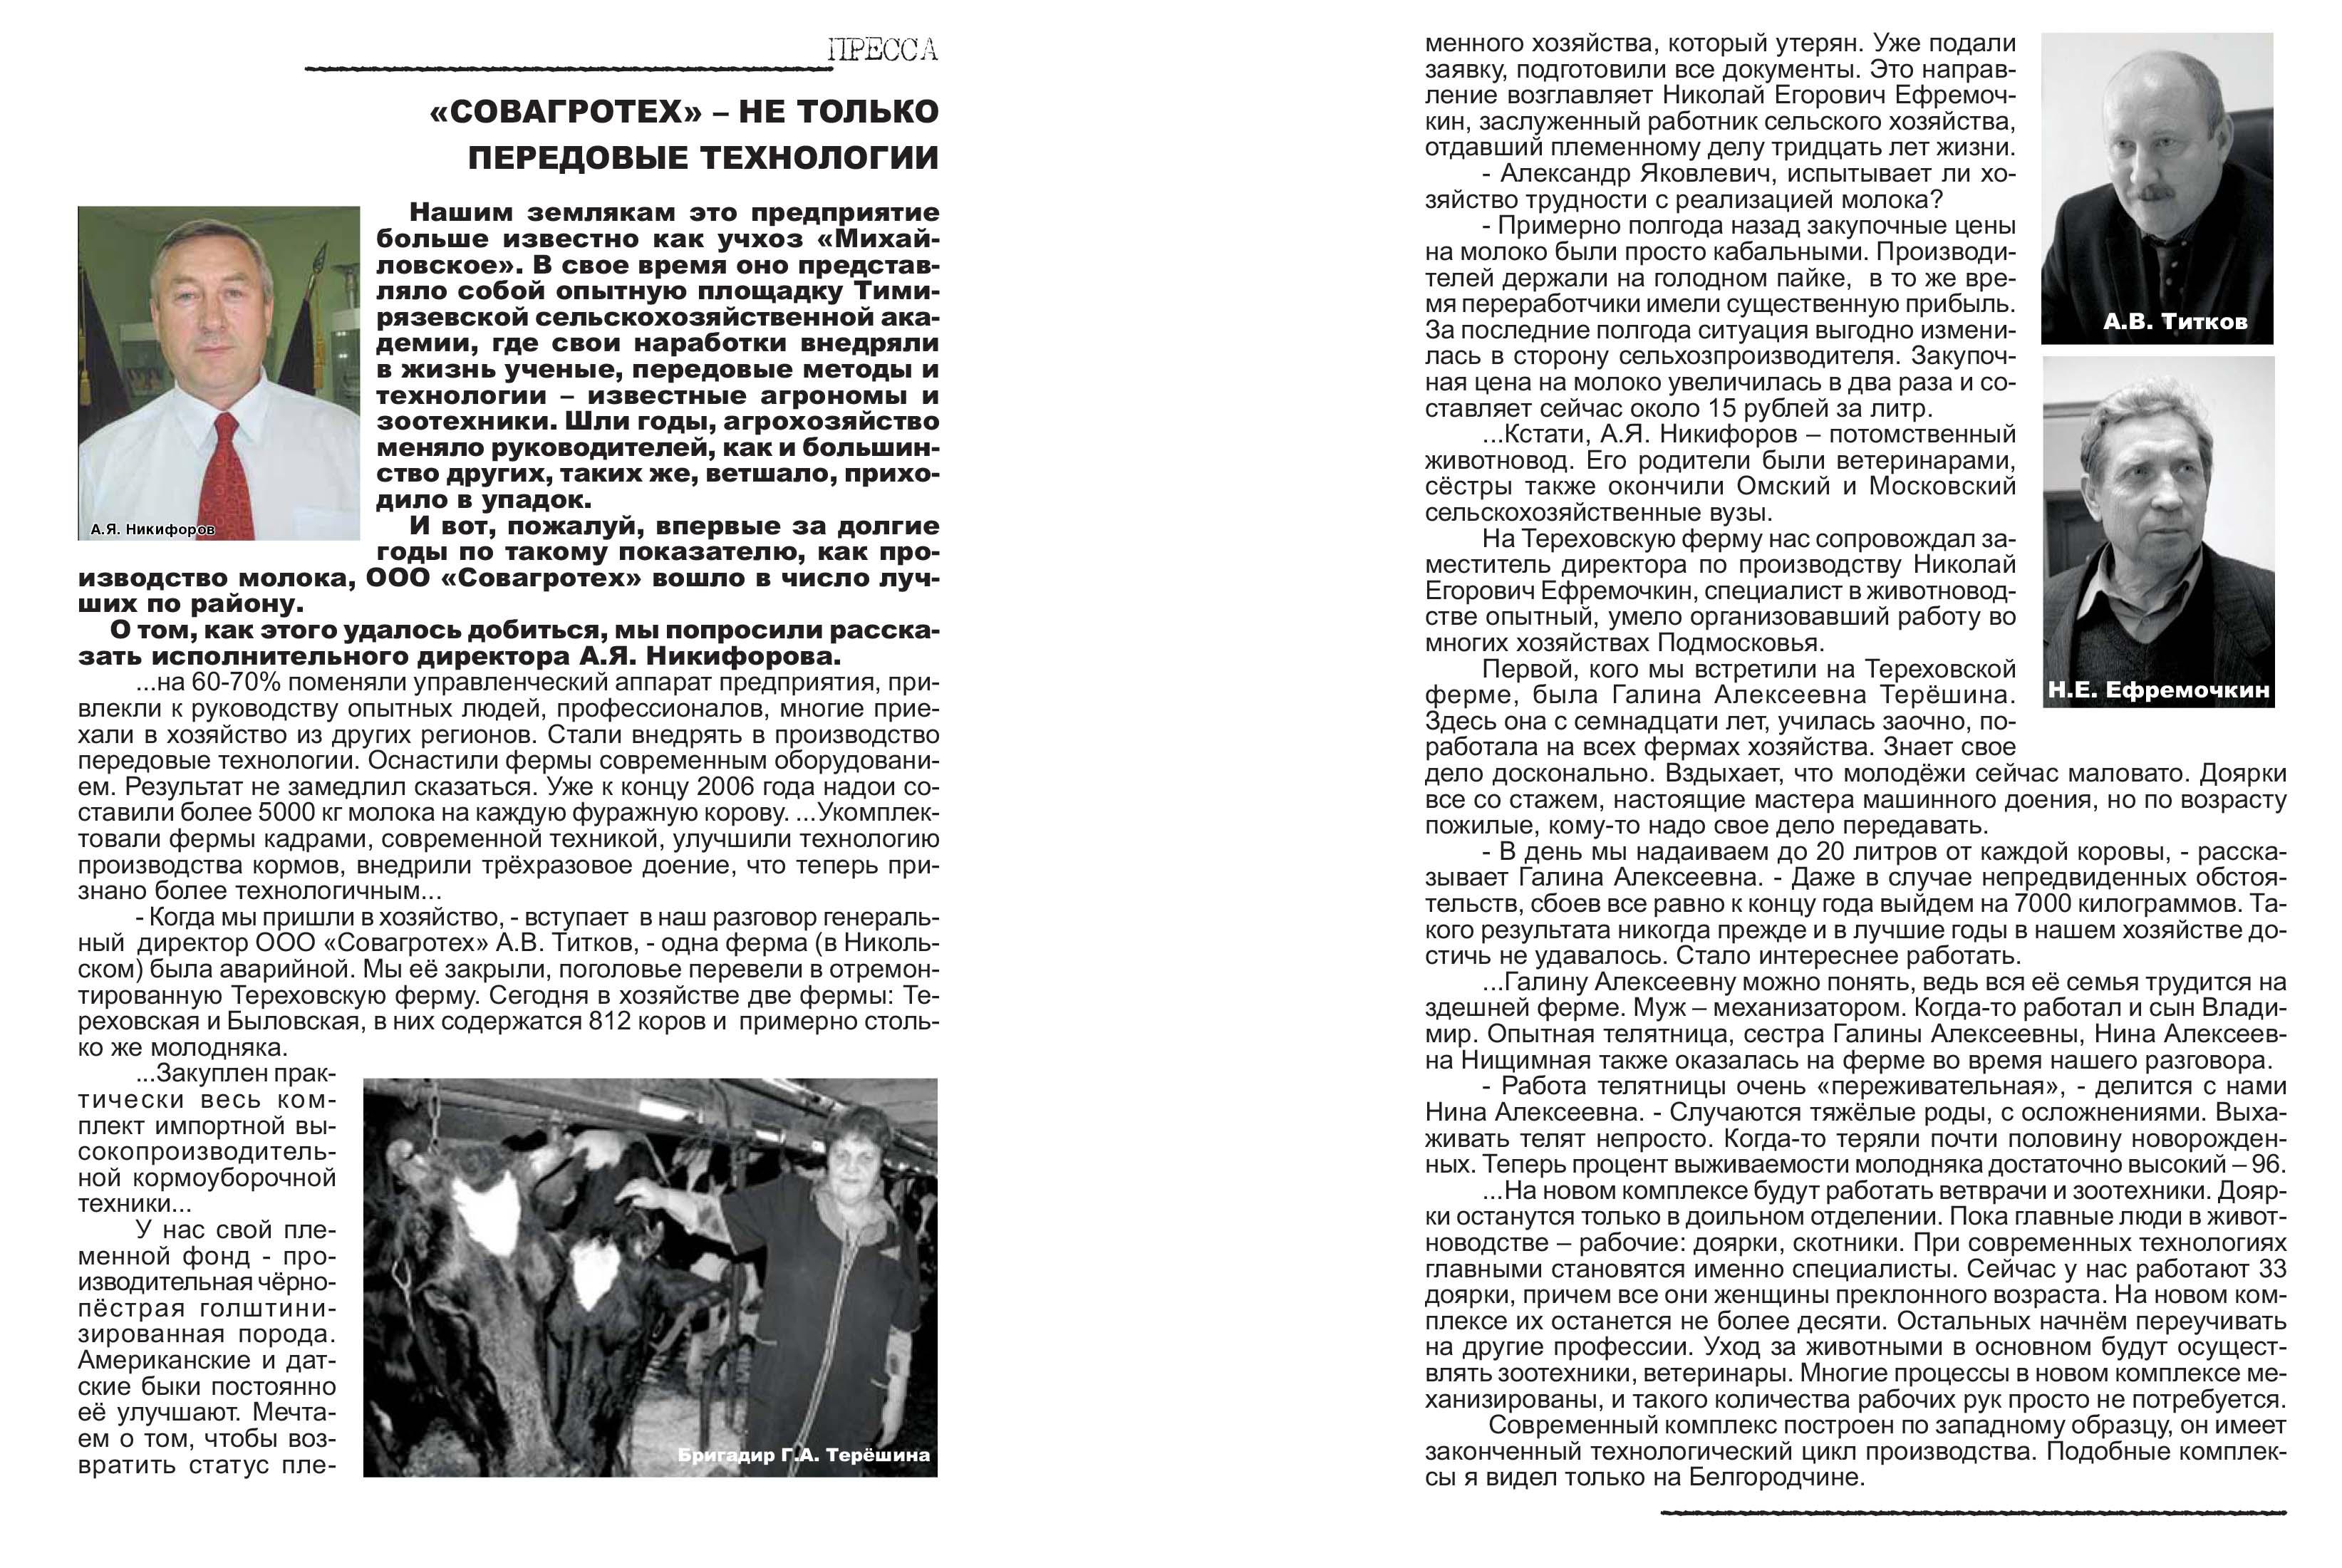 Сельское хозяйство в Подольском районе